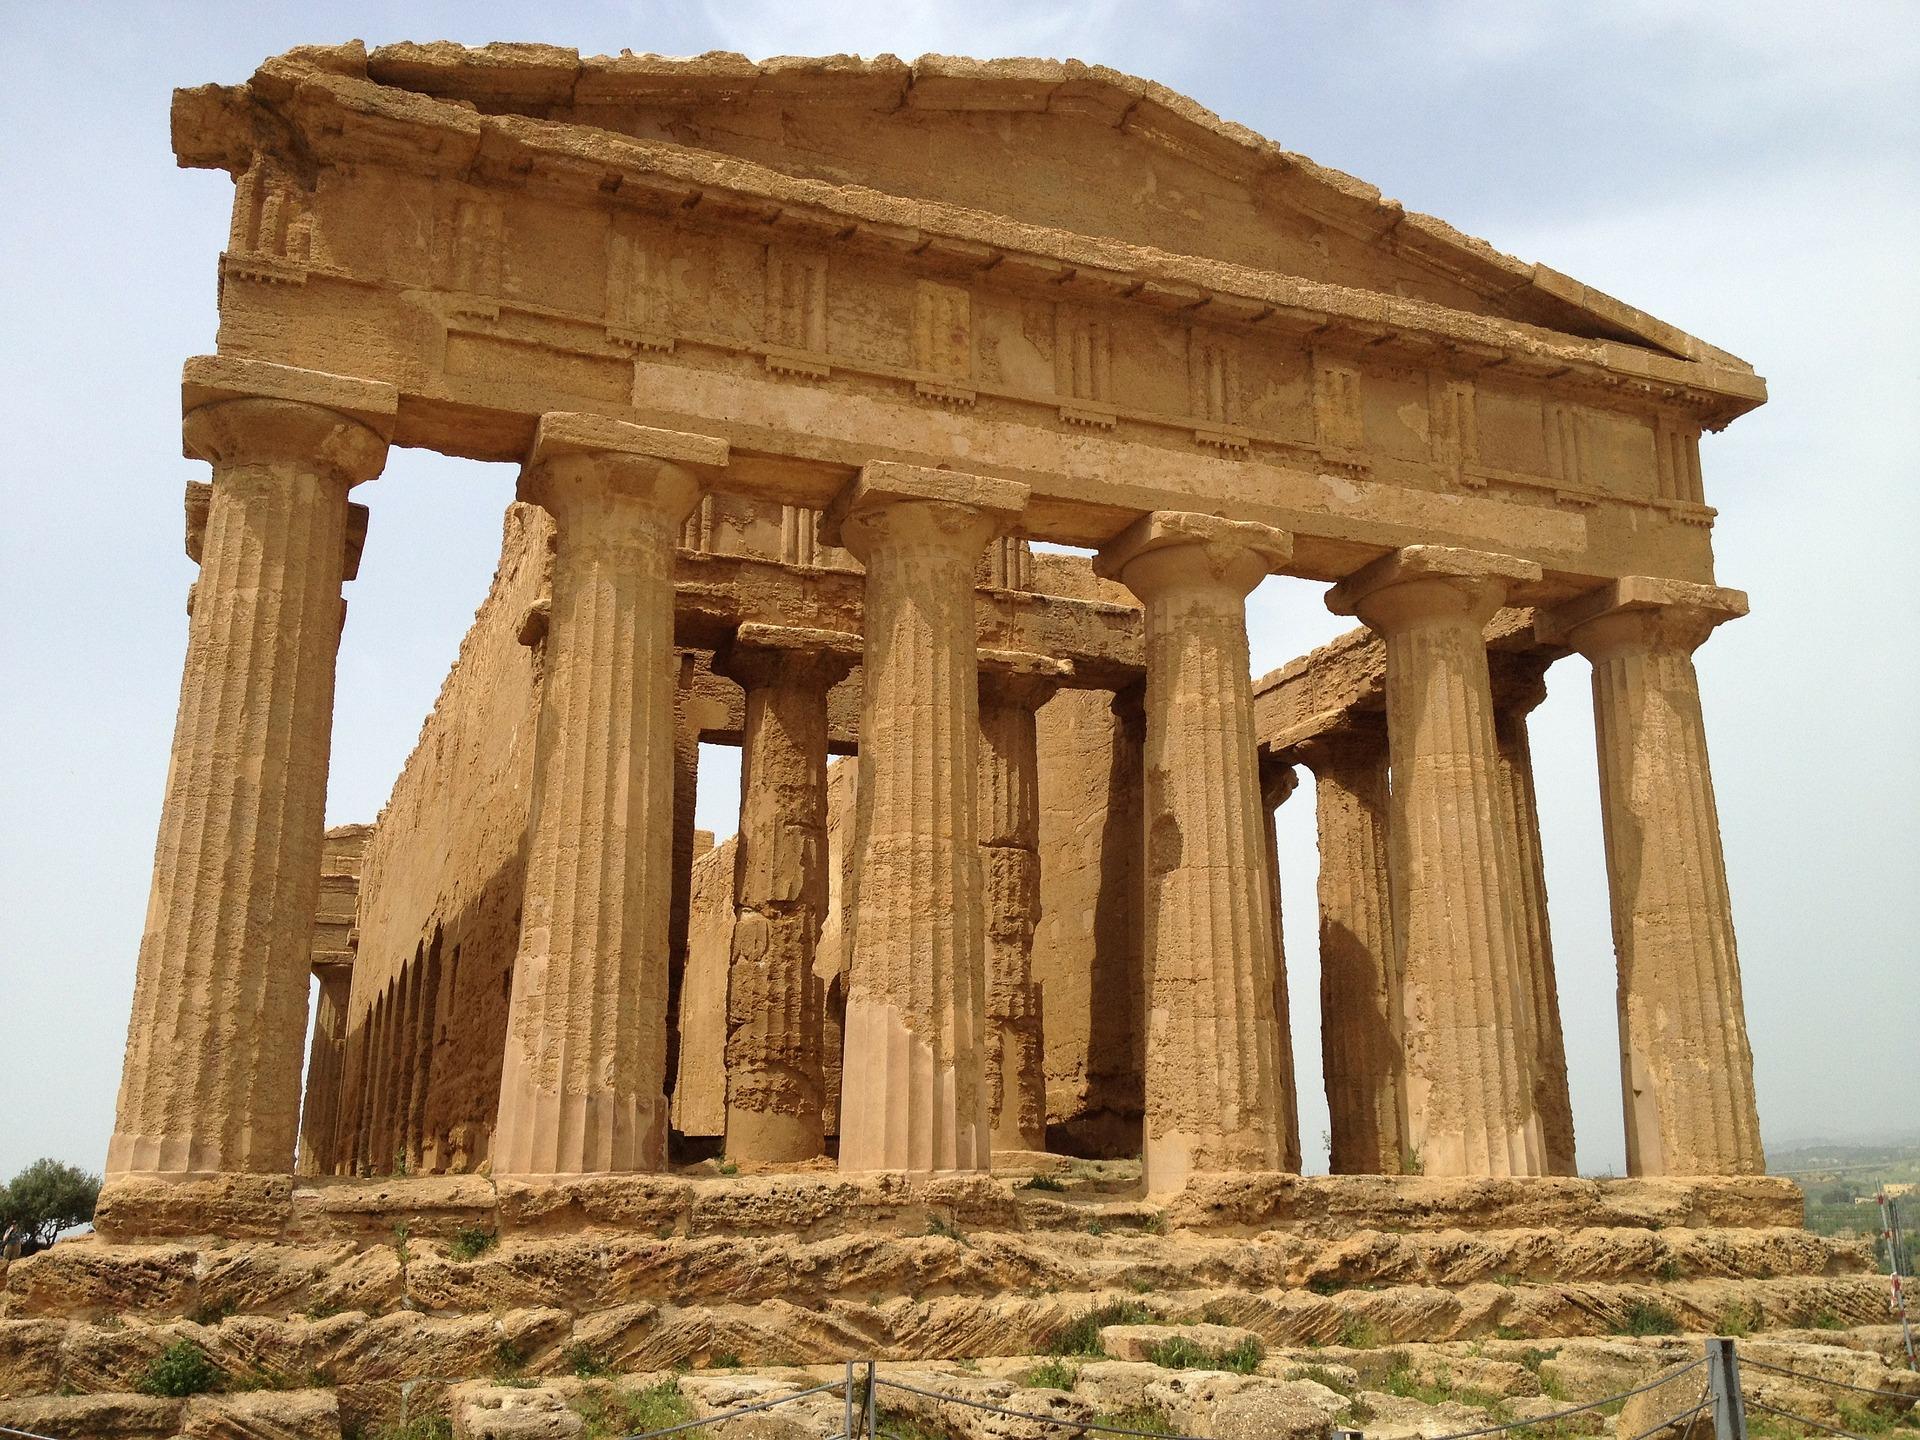 In Sizilien stehen zahlreiche alte Bauten der Römerzeit